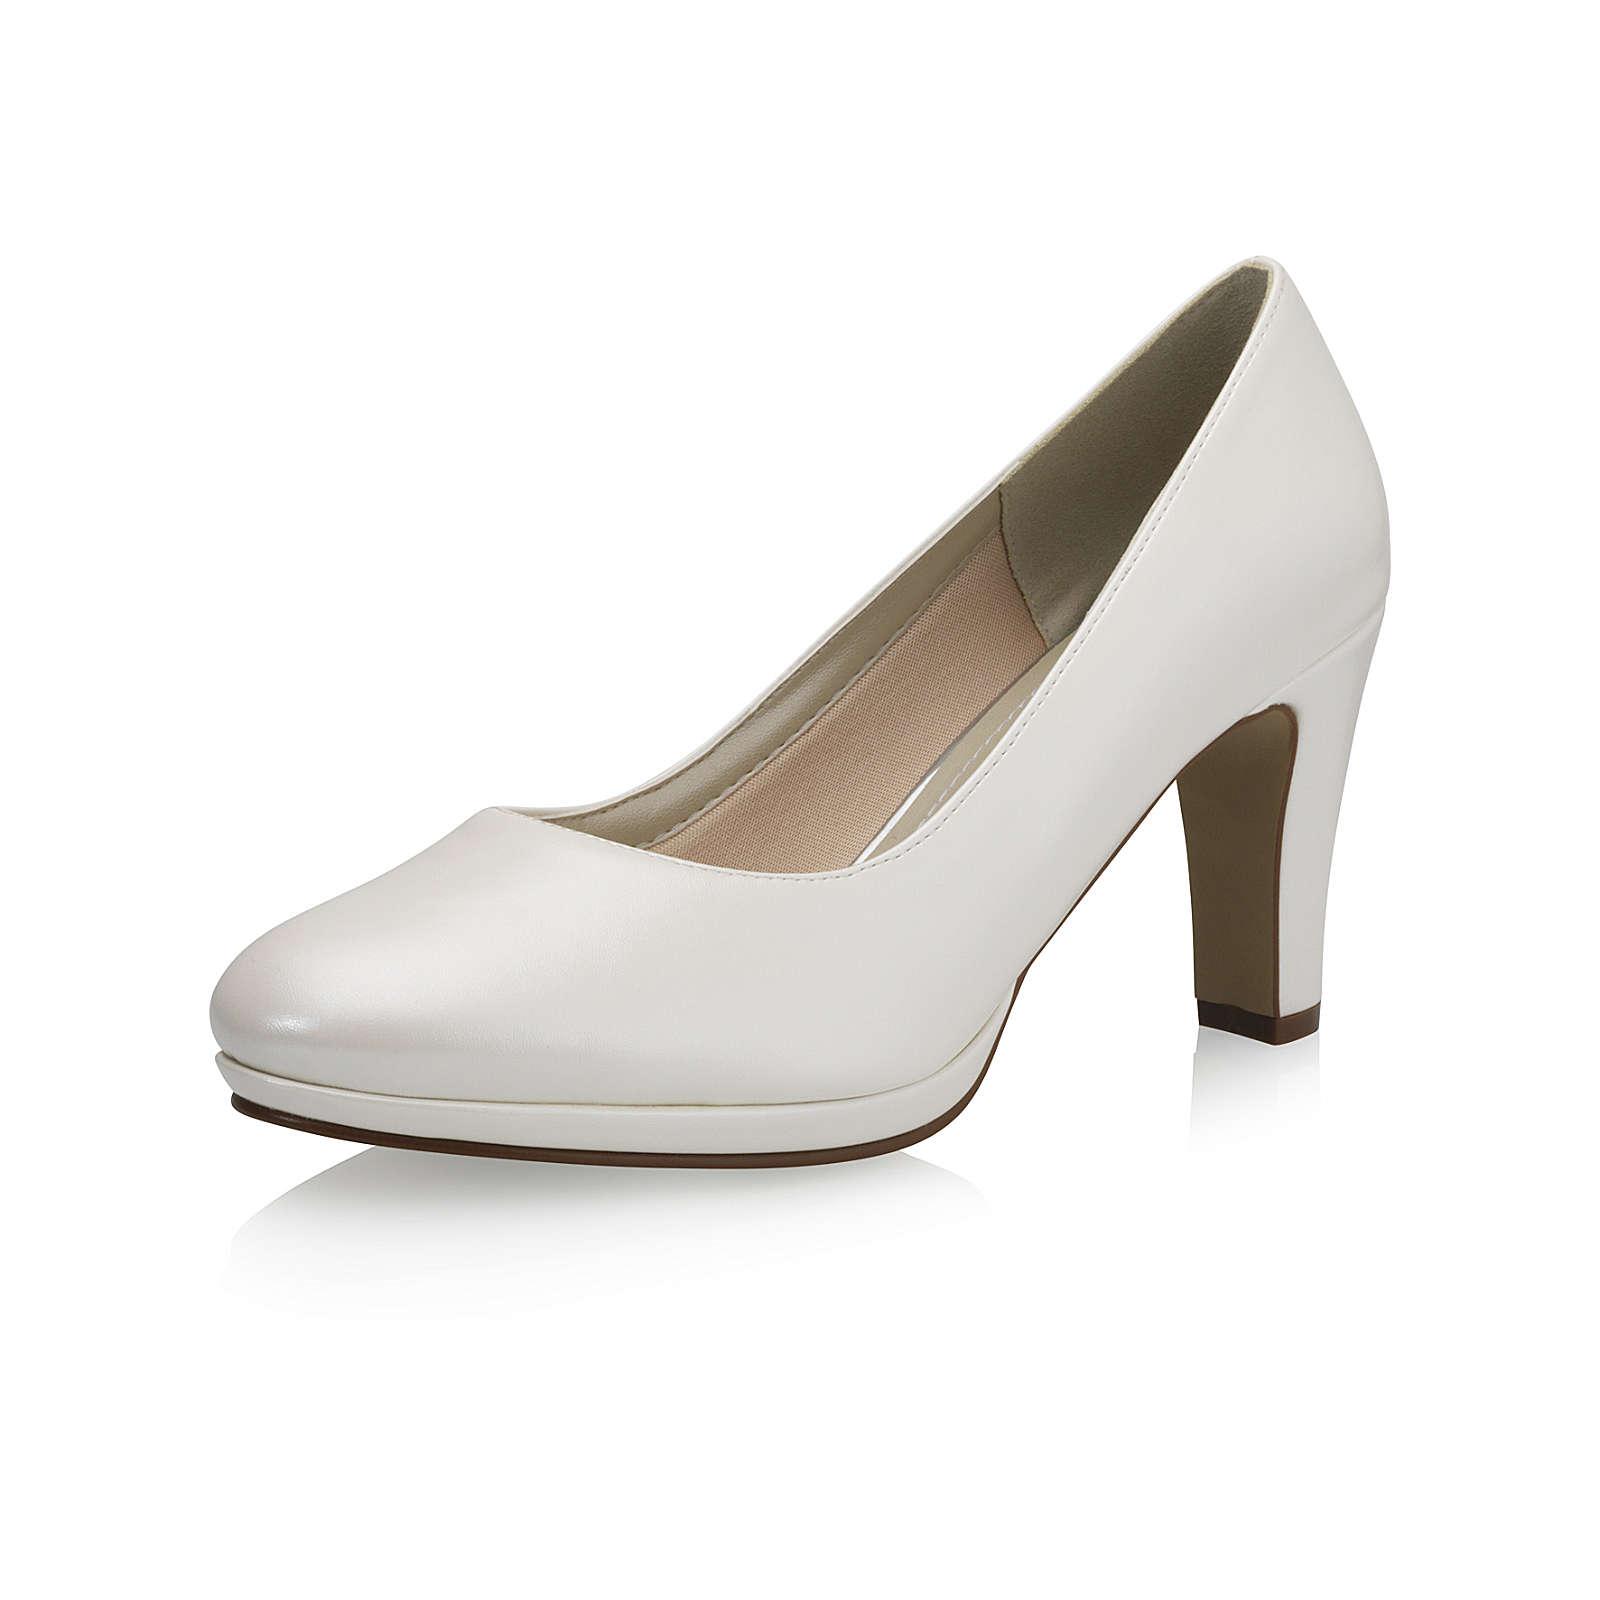 Elsa Coloured Shoes Rainbow Club Brautschuhe Crazy Flirt Plateau-Pumps creme Damen Gr. 37,5